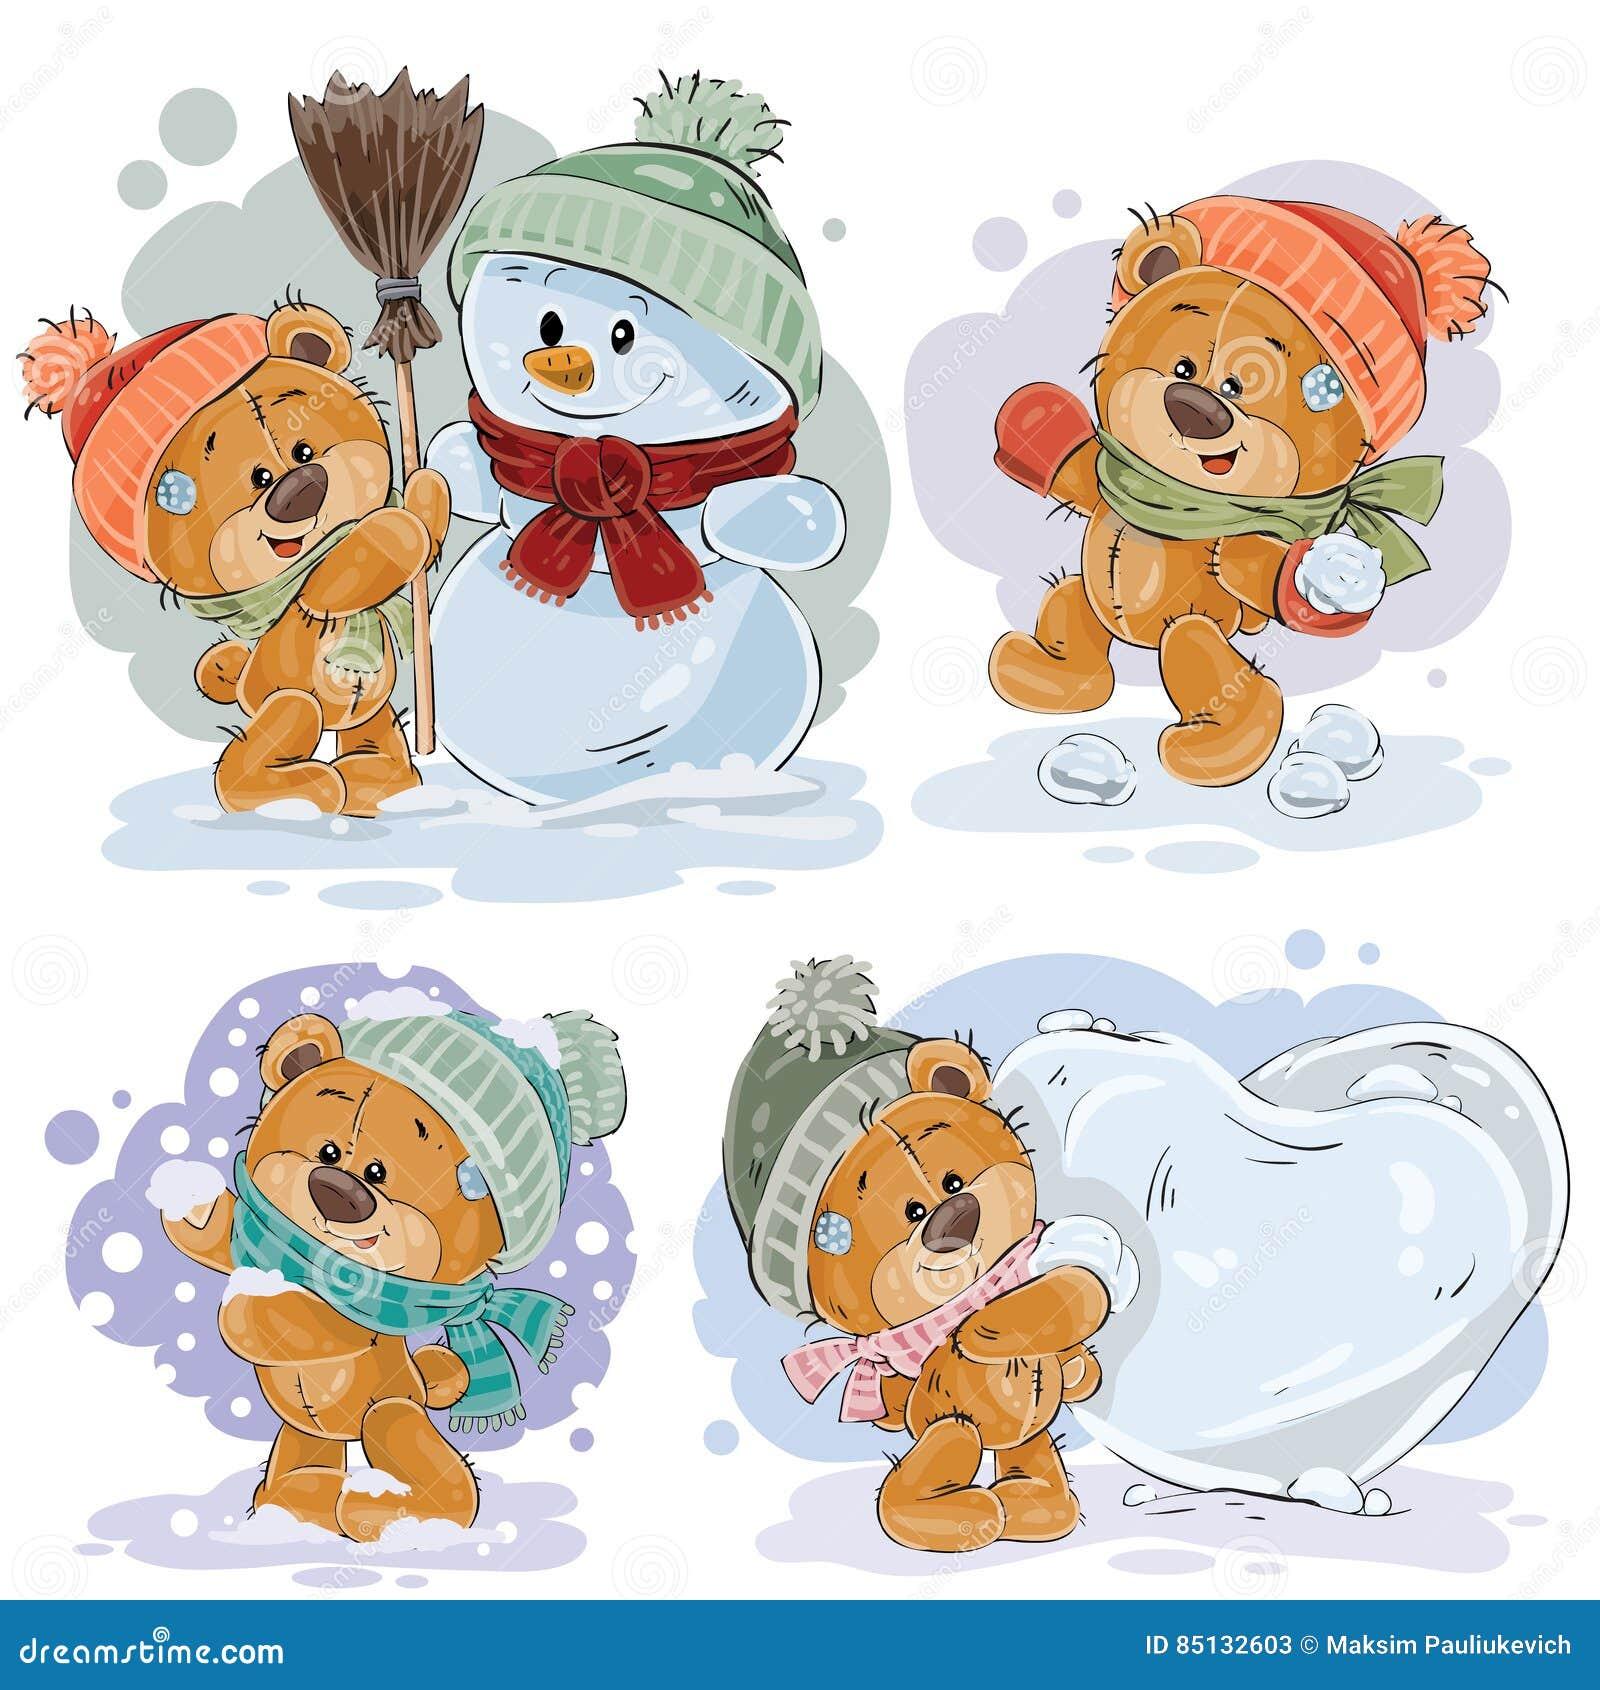 Set vector clip art illustrations of funny teddy bears